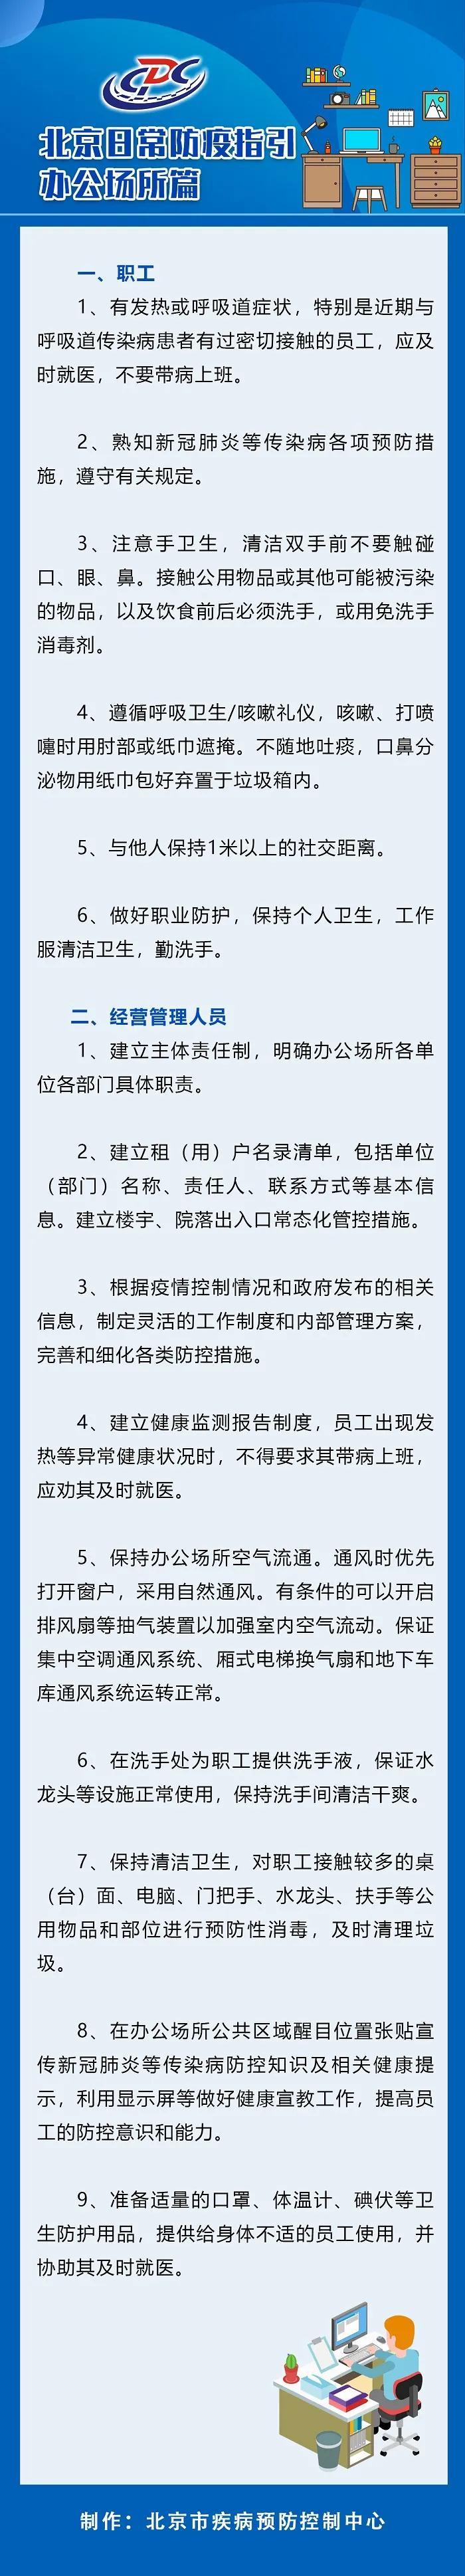 北京疾控:建立健康监测报告制度 员工发热应及时就医图片